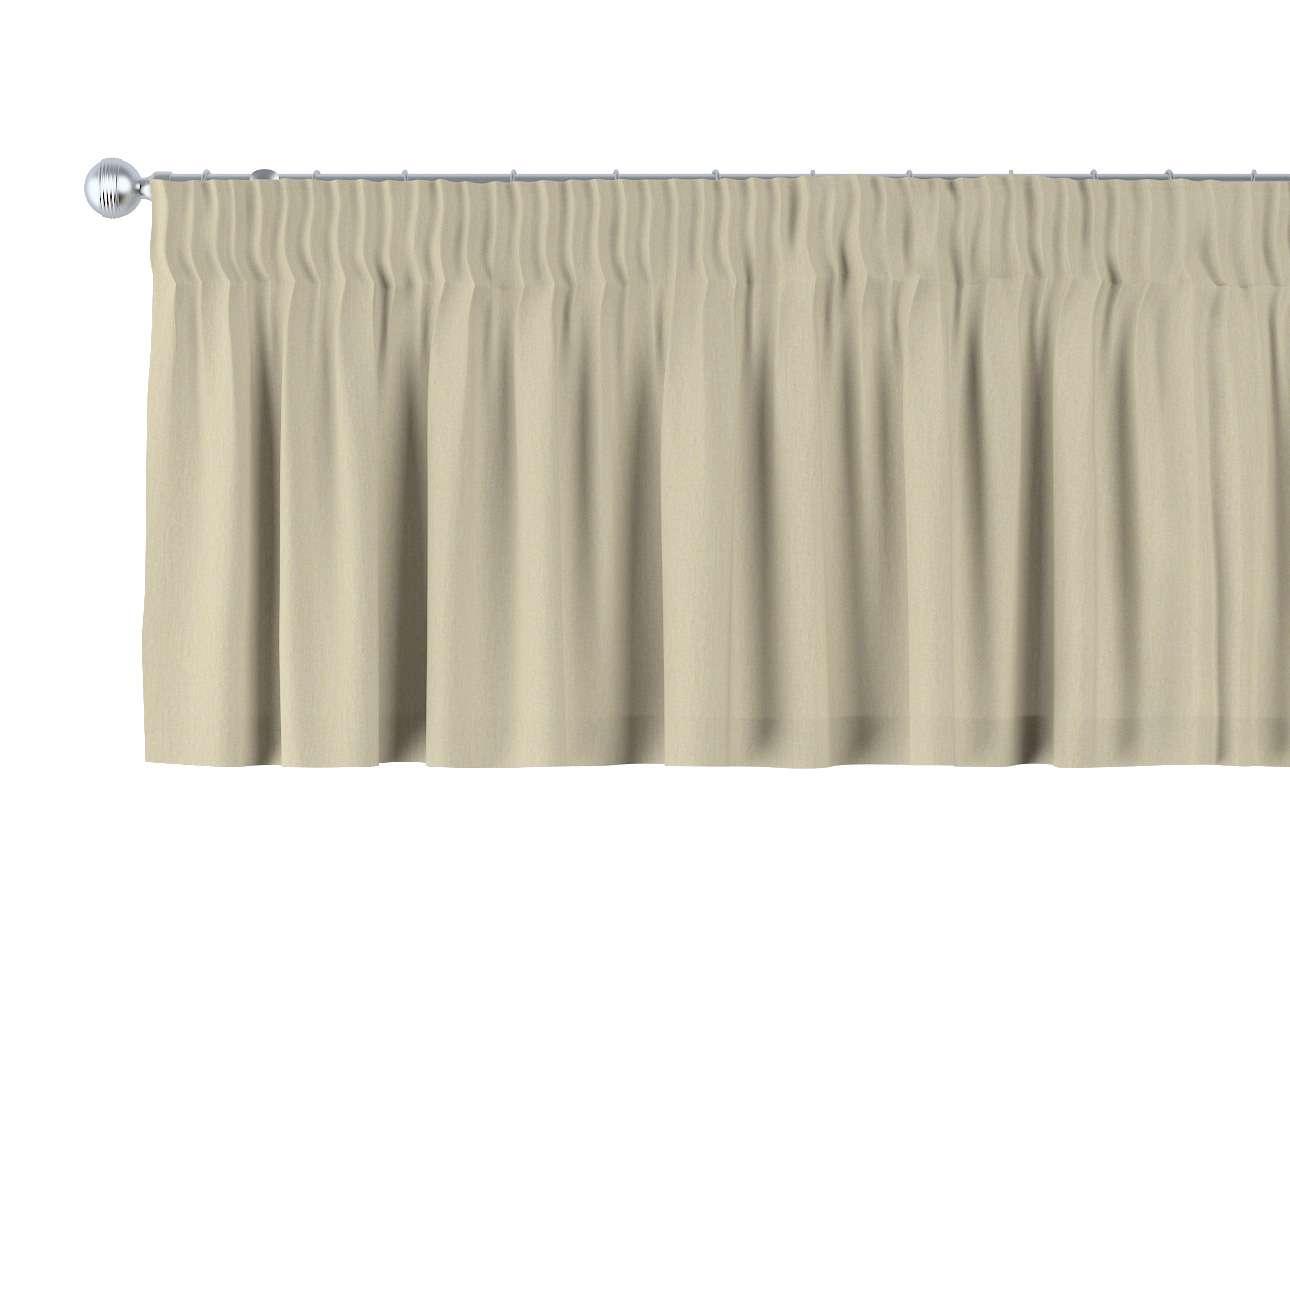 Trumpa užuolaidėlė (lambrekenas) pieštukinis klostavimas 130 x 40 cm kolekcijoje Chenille, audinys: 702-22